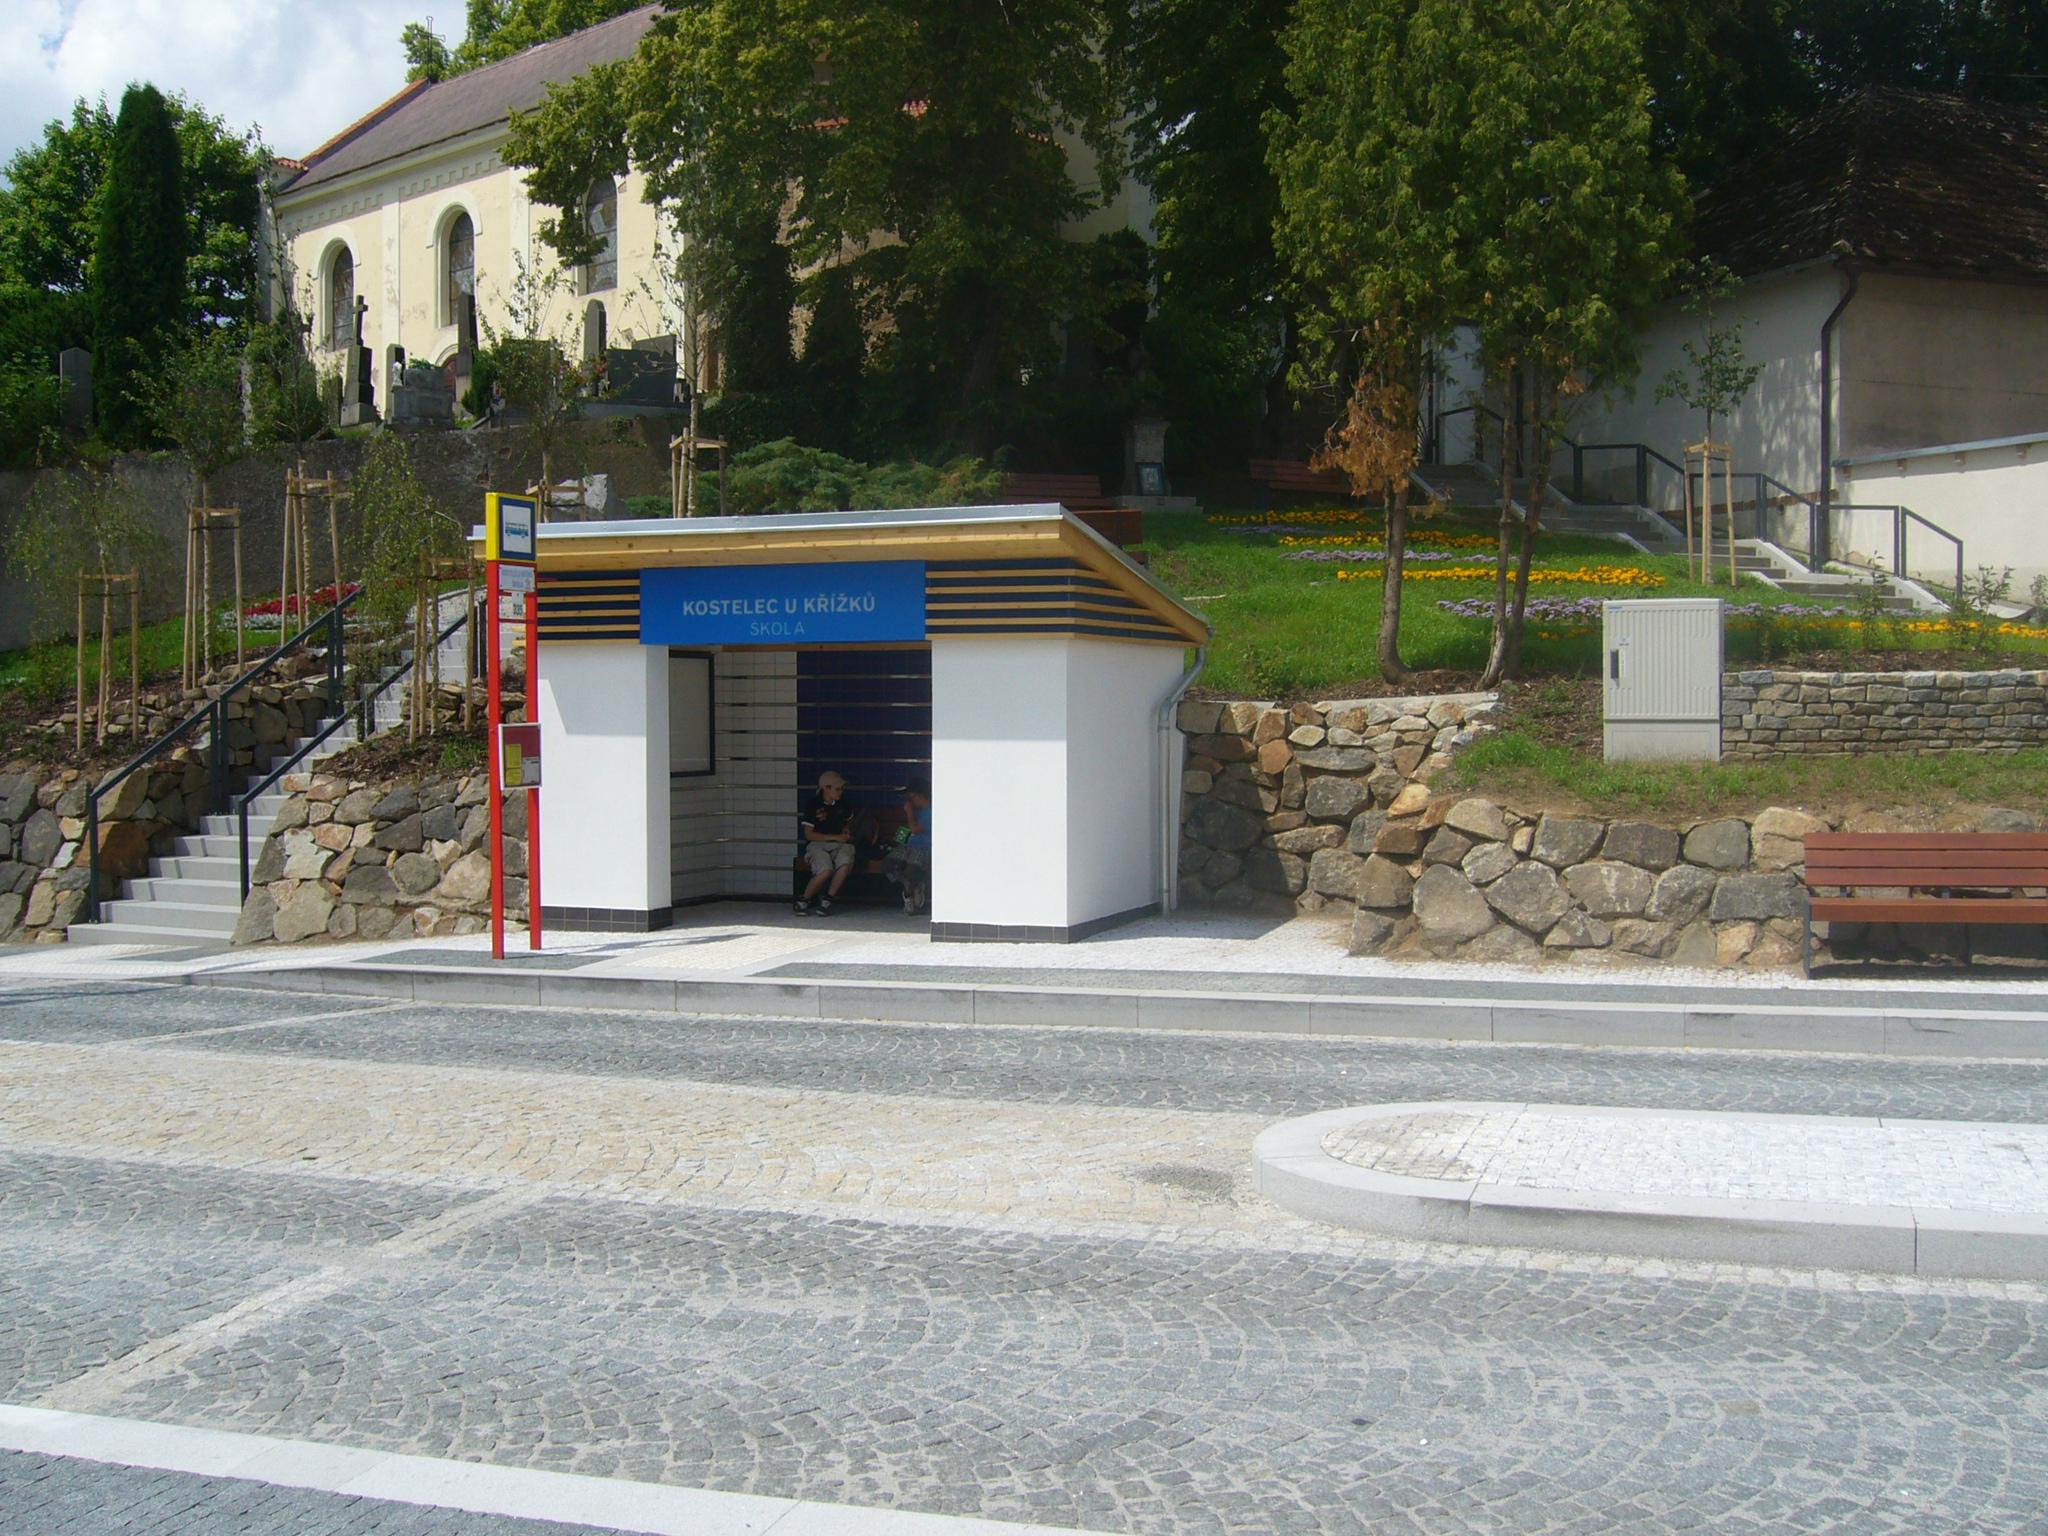 Nejen velké terminály. Architekt Patrik Kotas je autorem také malé autobusové zastávky v Kostelci a veřejného prostoru v bezprostředním okolí autobusových stání, včetně nových přístupových cest ke kostelu a malého náměstíčka. (foto: atelier Patrika Kotase)